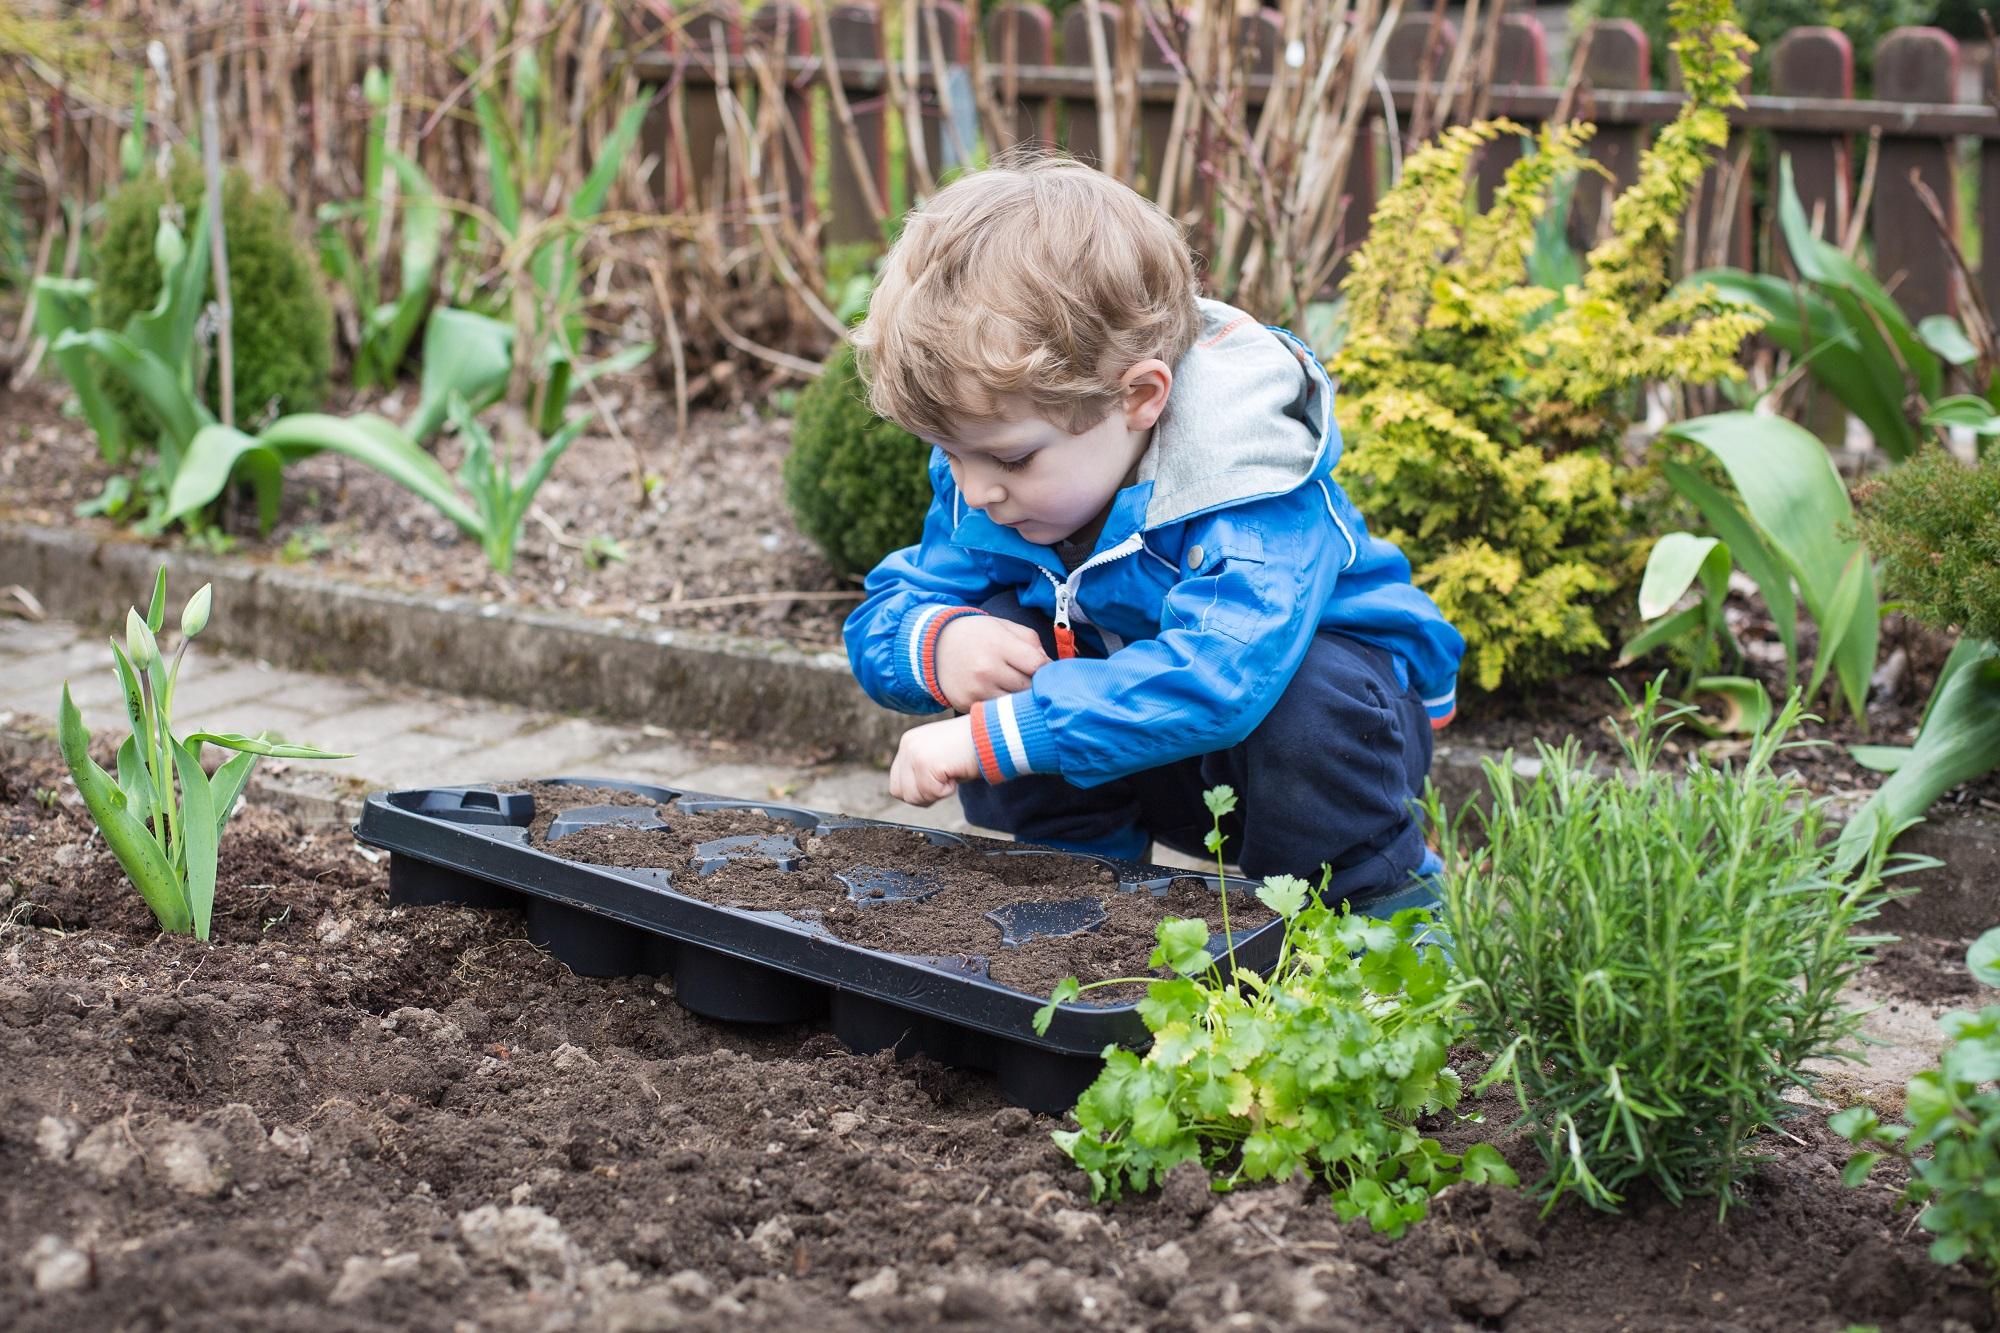 Календарь садовода и огородника апрель. Источник фото: Shutterstock